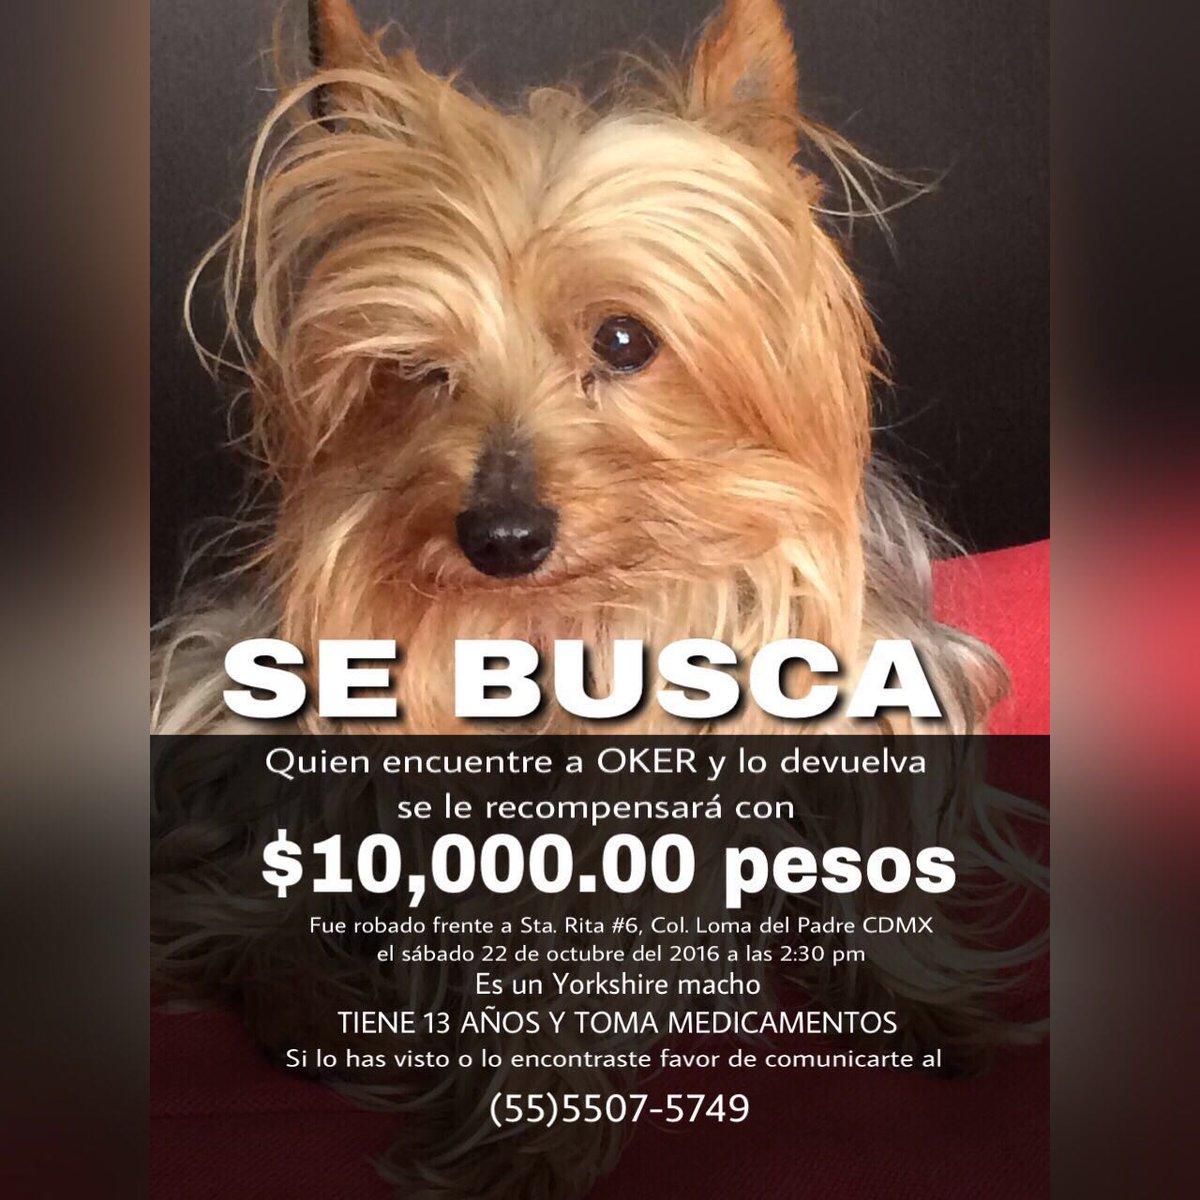 Queridos seguidores, por favor pueden dar RT a este tuit? Es un perro robado hoy :( Muchas gracias!! Saludos a todos https://t.co/YSkNmjHogz